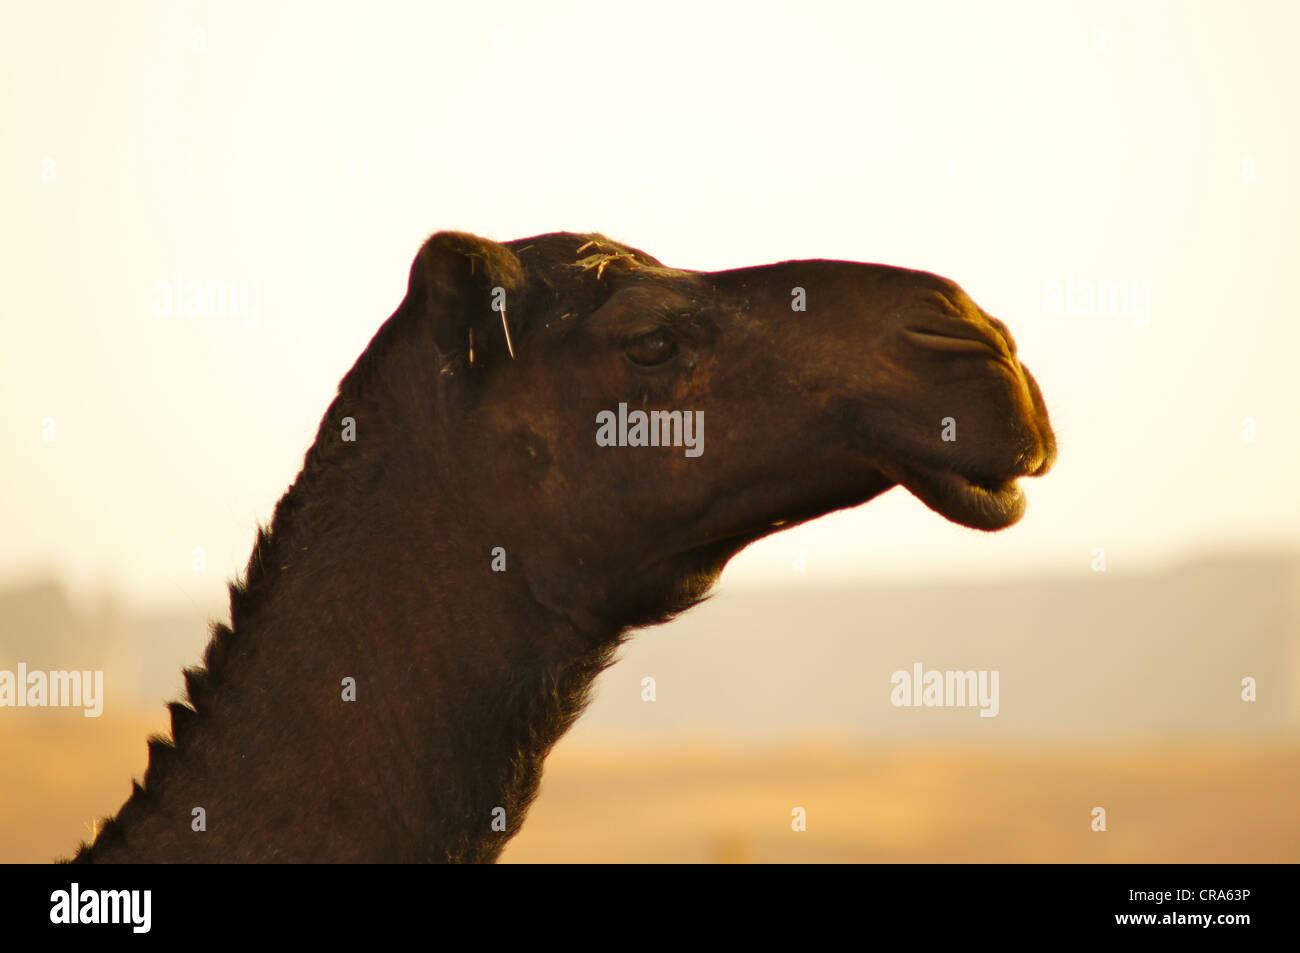 Black camel profile picture. Taken in the Red Sands desert, Riyadh, Kingdom of Saudi Arabia - Stock Image